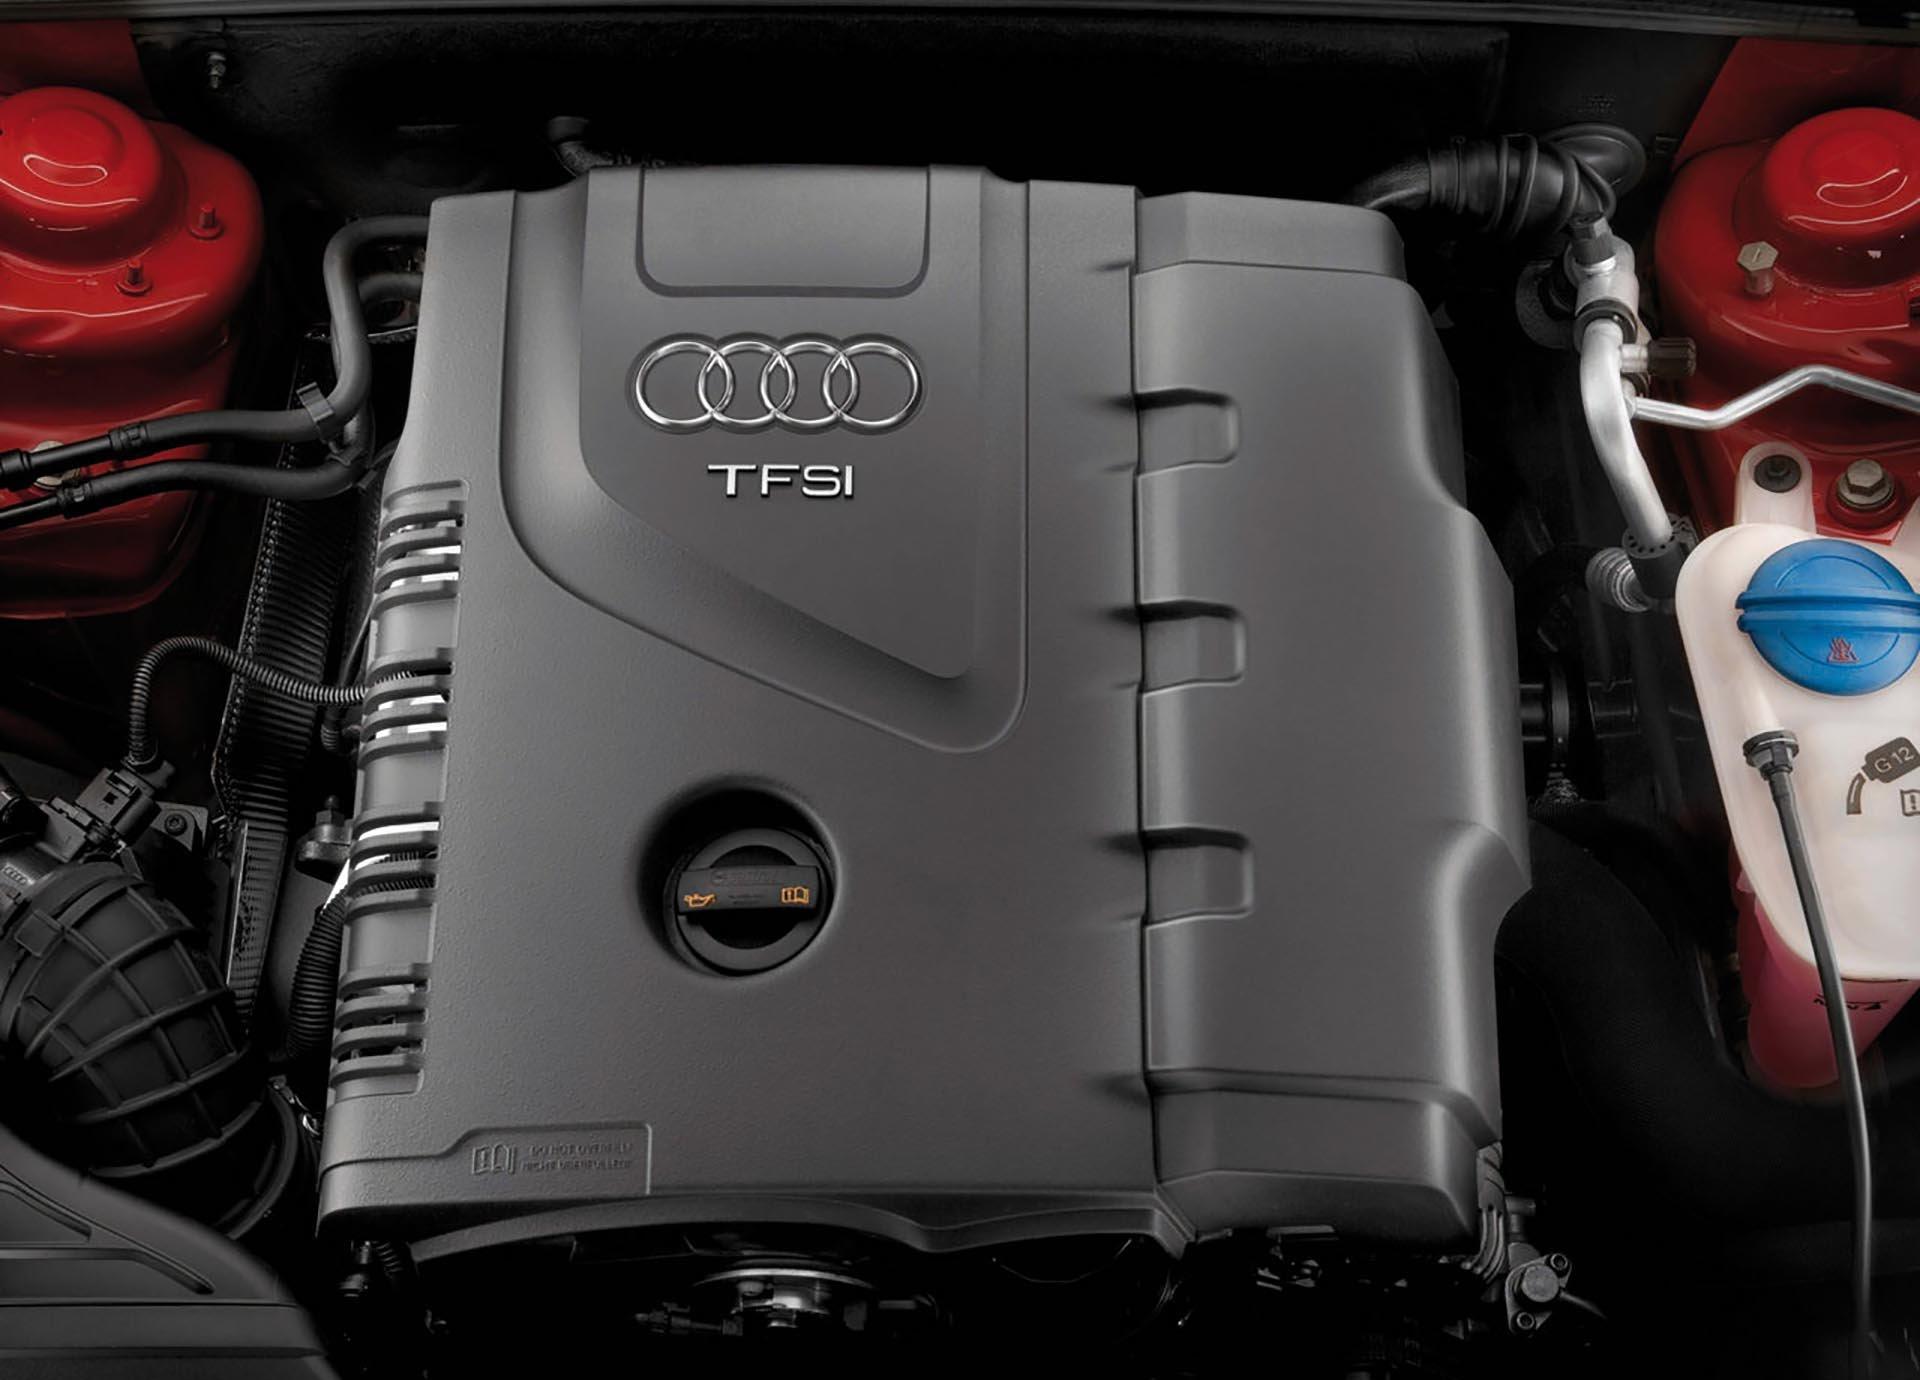 02_B8 Audi A4 2.0t TFSI engine